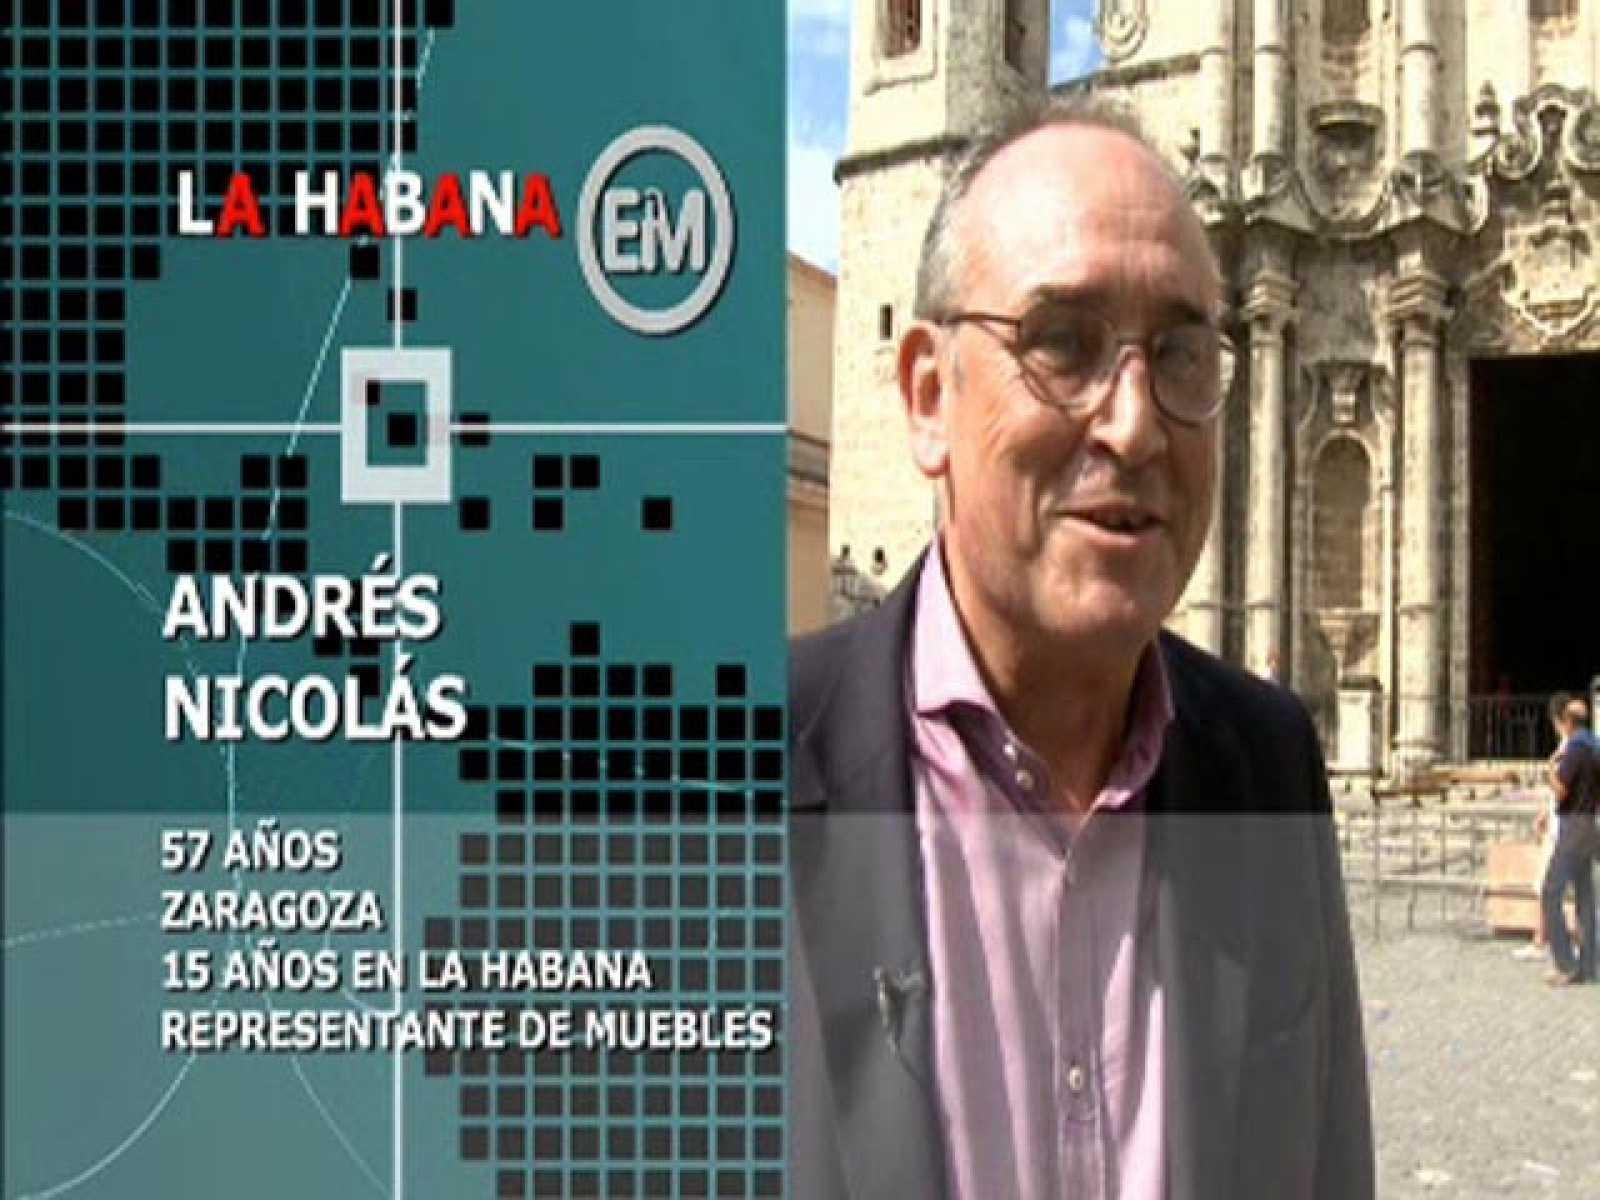 Españoles en el mundo - La Habana - Andrés